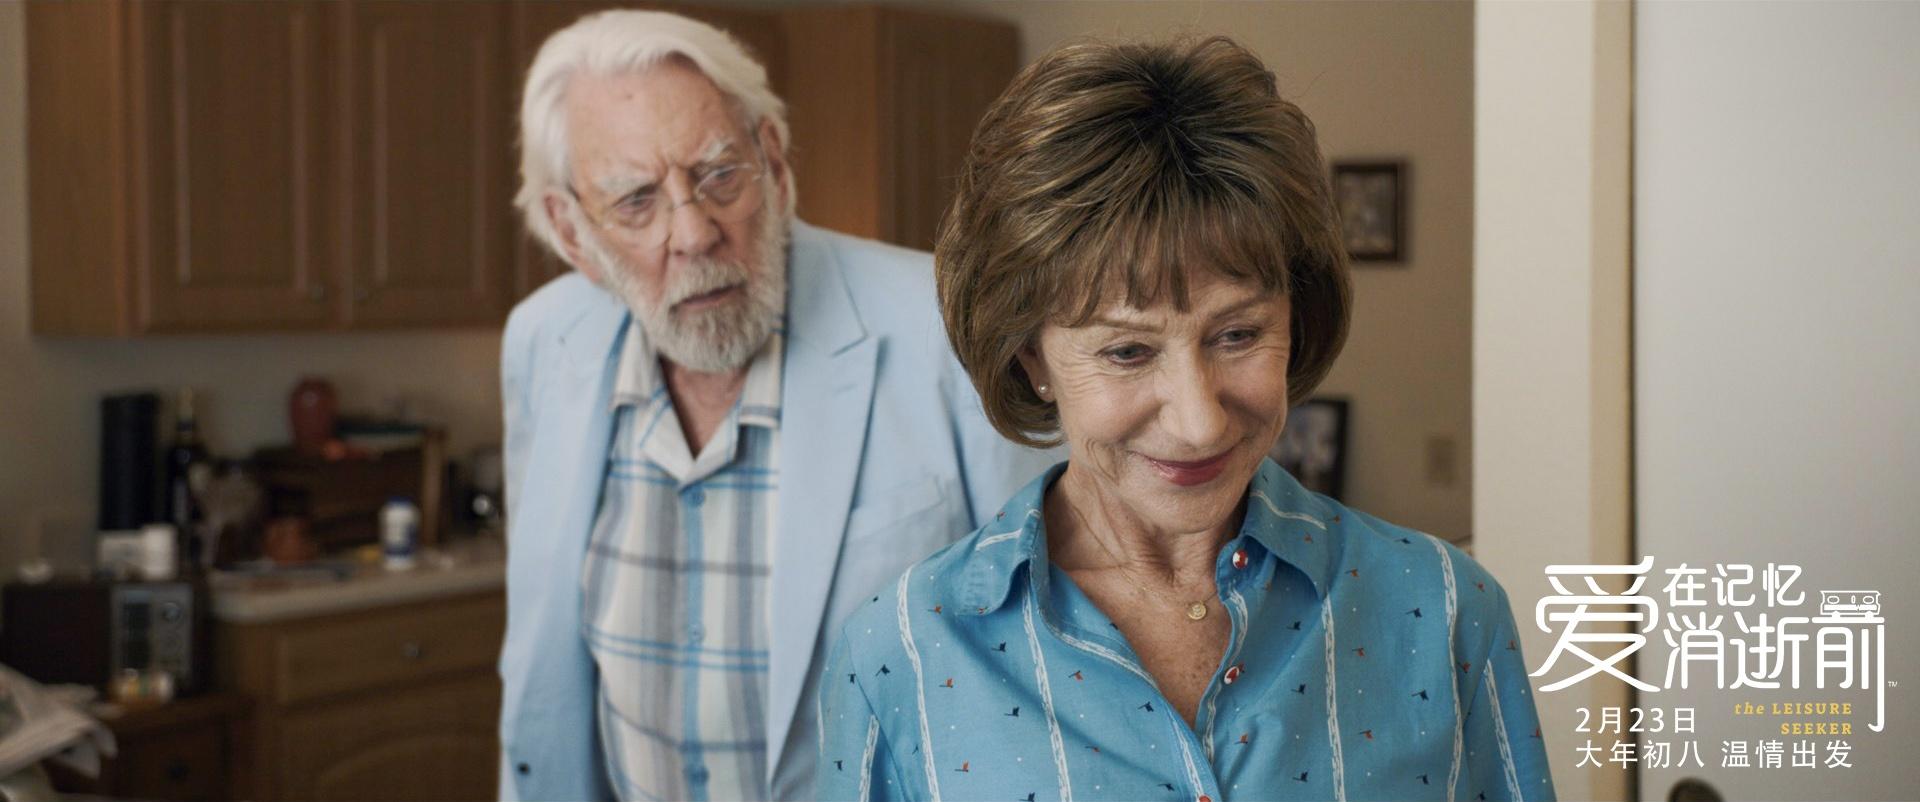 《爱在记忆消逝前》温情热映 有爱有趣老情人圈粉